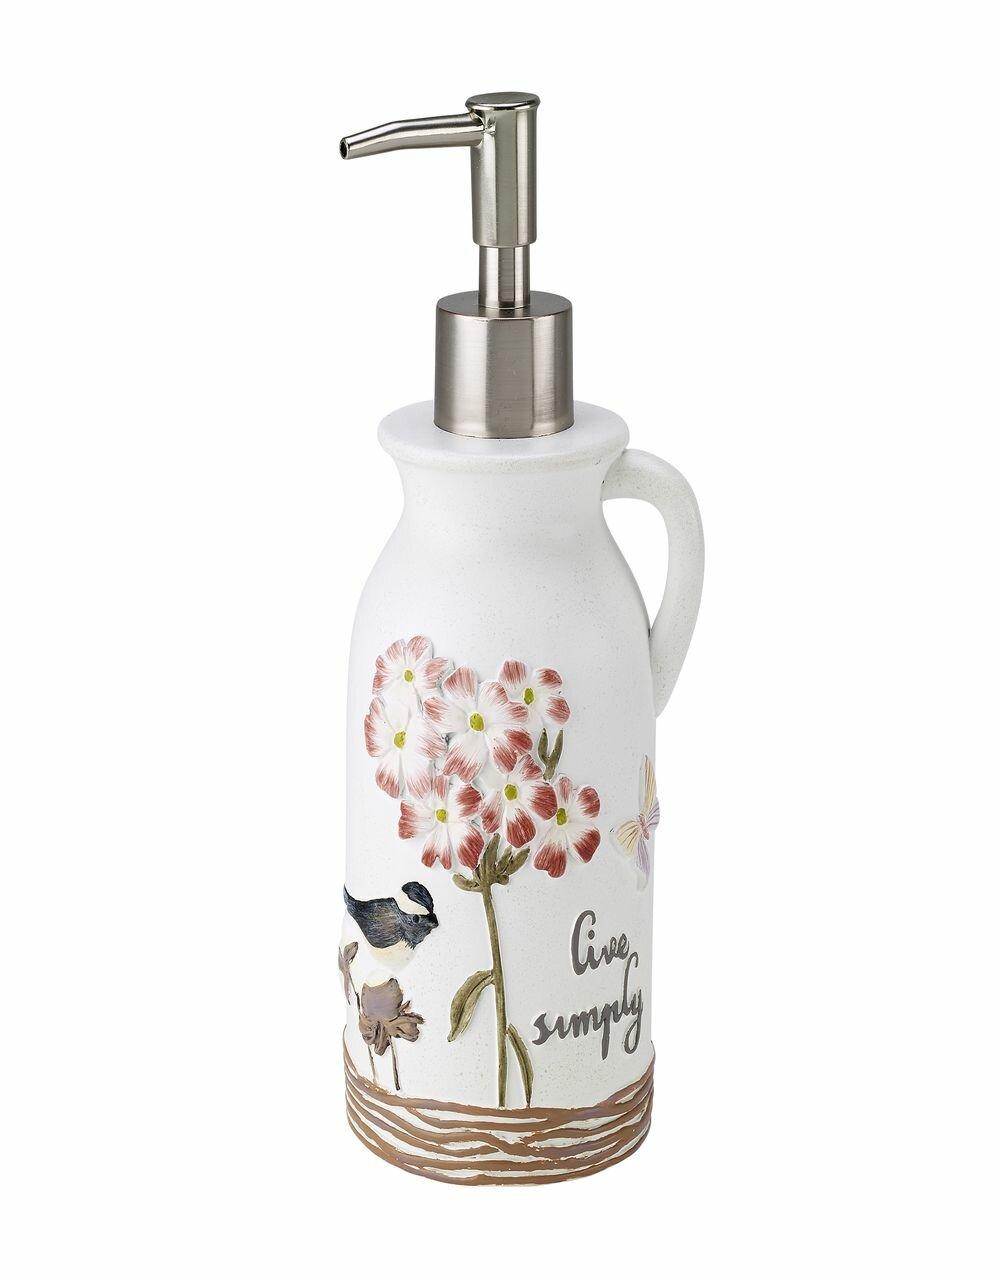 August Grove Hamlett Soap Lotion Dispenser Wayfair